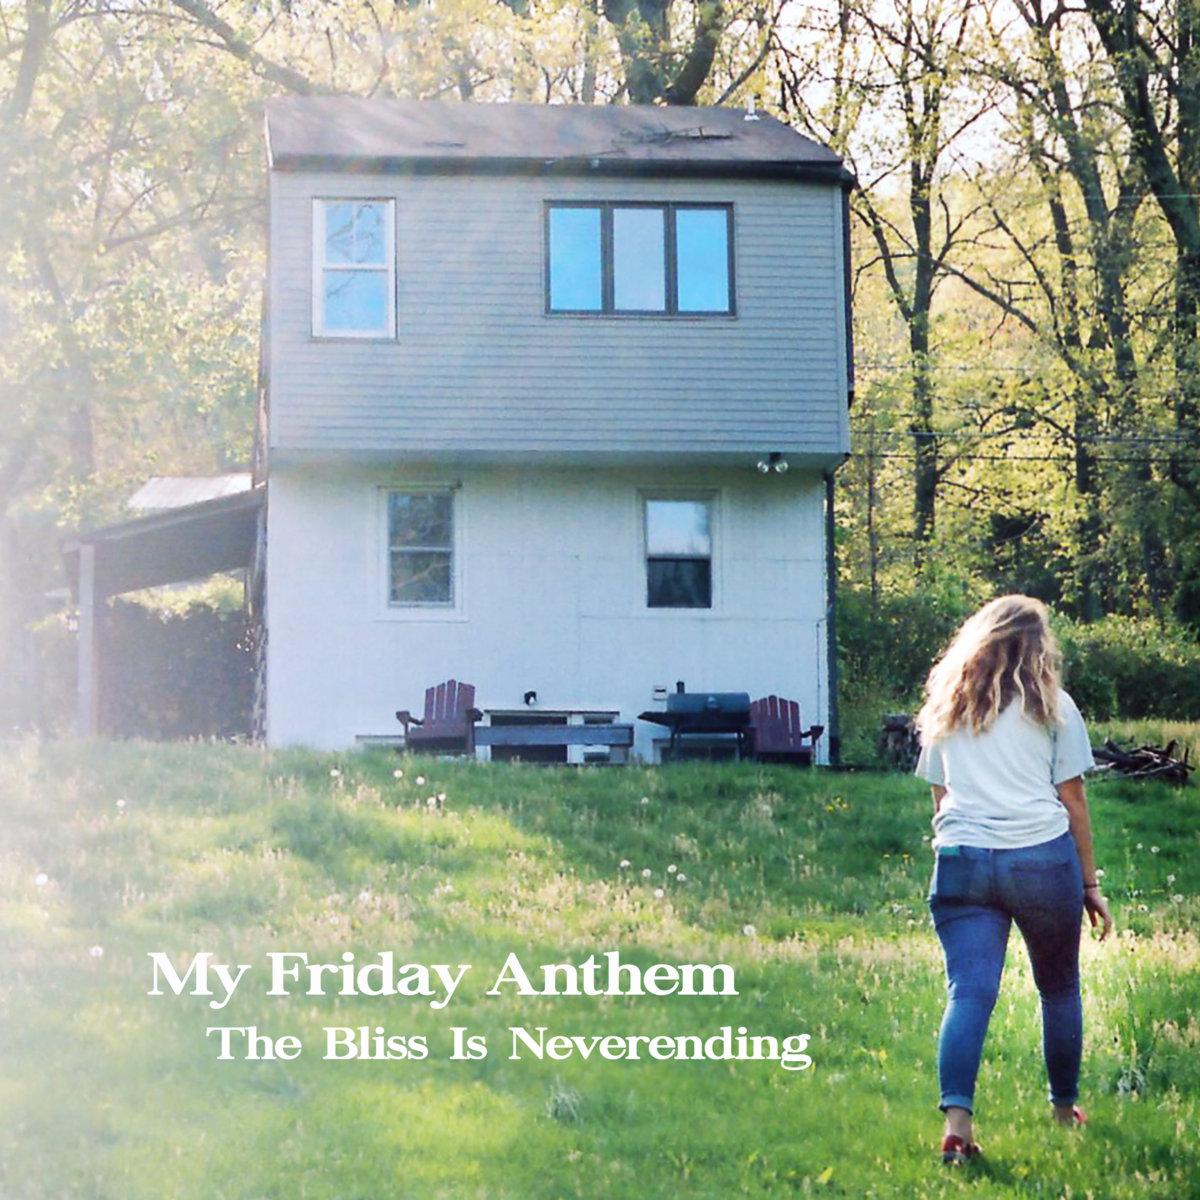 My Friday Anthem